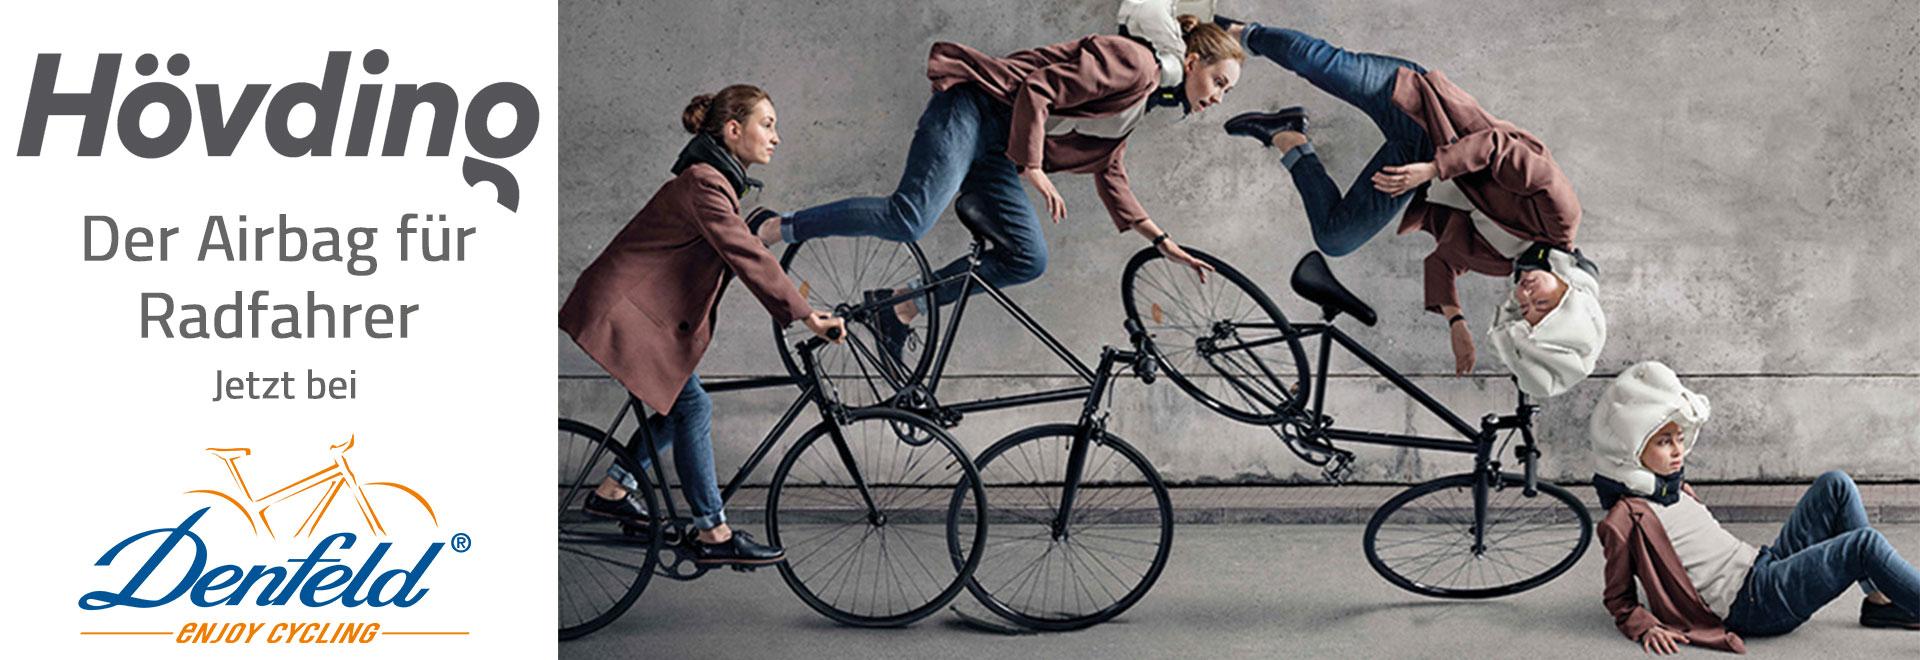 Neu bei DENFELD: Der Airbag für Radfahrer: Hövding 3